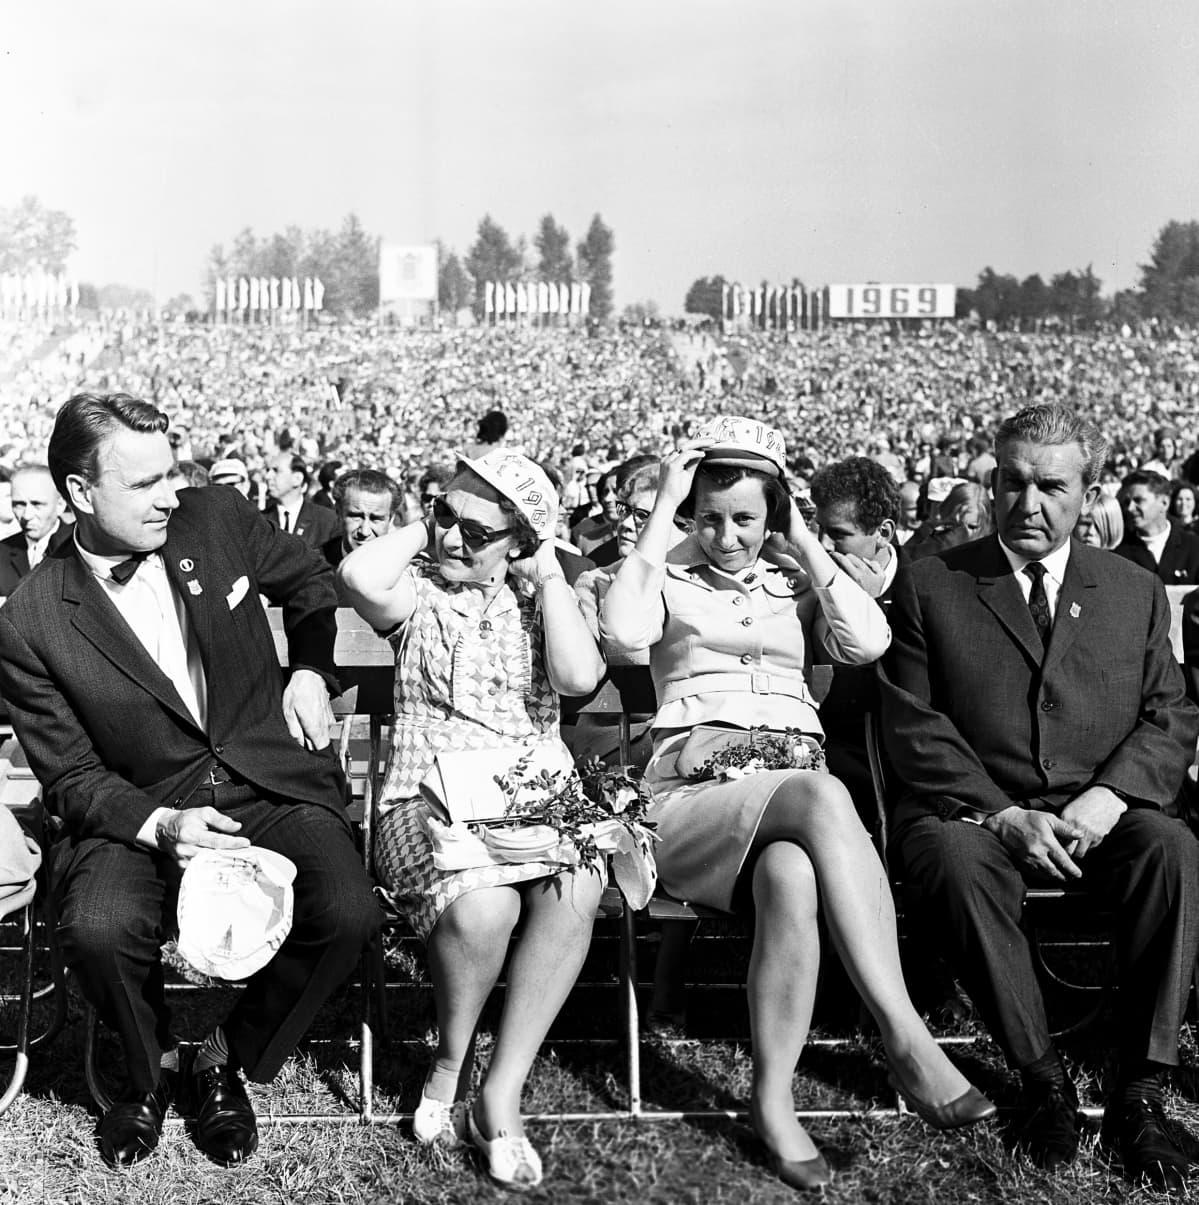 Mauno ja Tellervo Koivisto Tallinnan laulujuhlilla vuonna 1969.